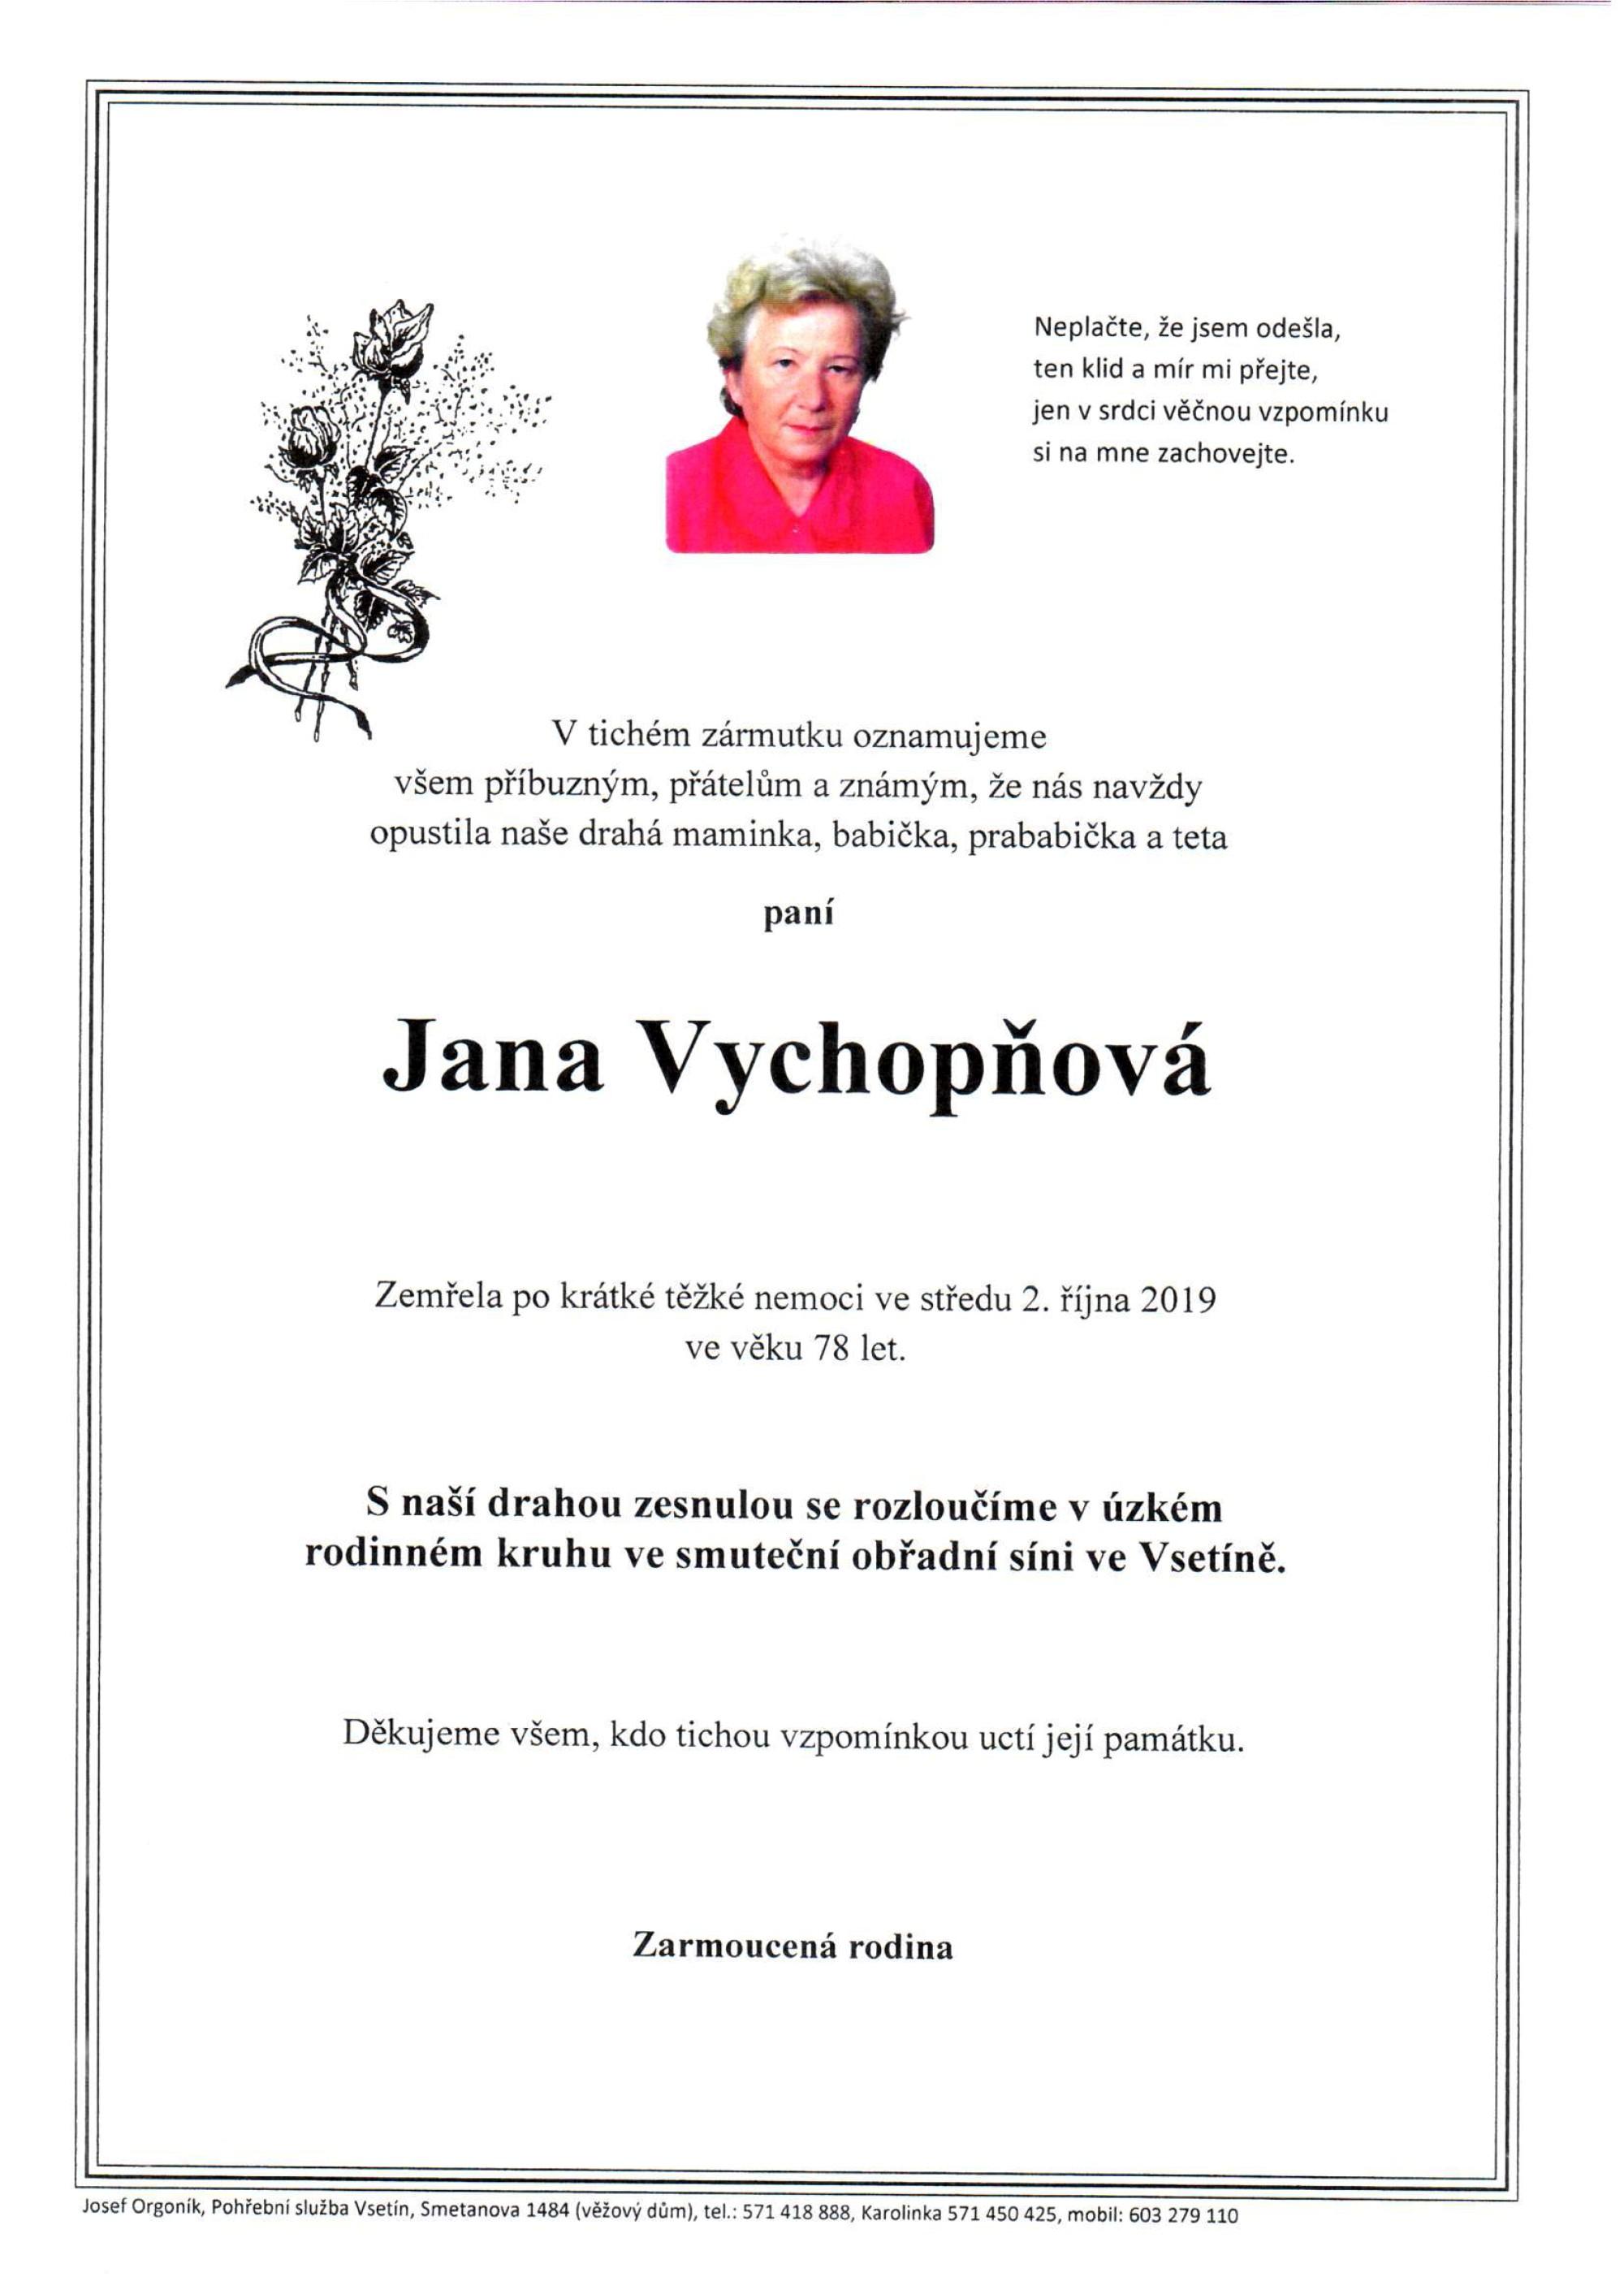 Jana Vychopňová